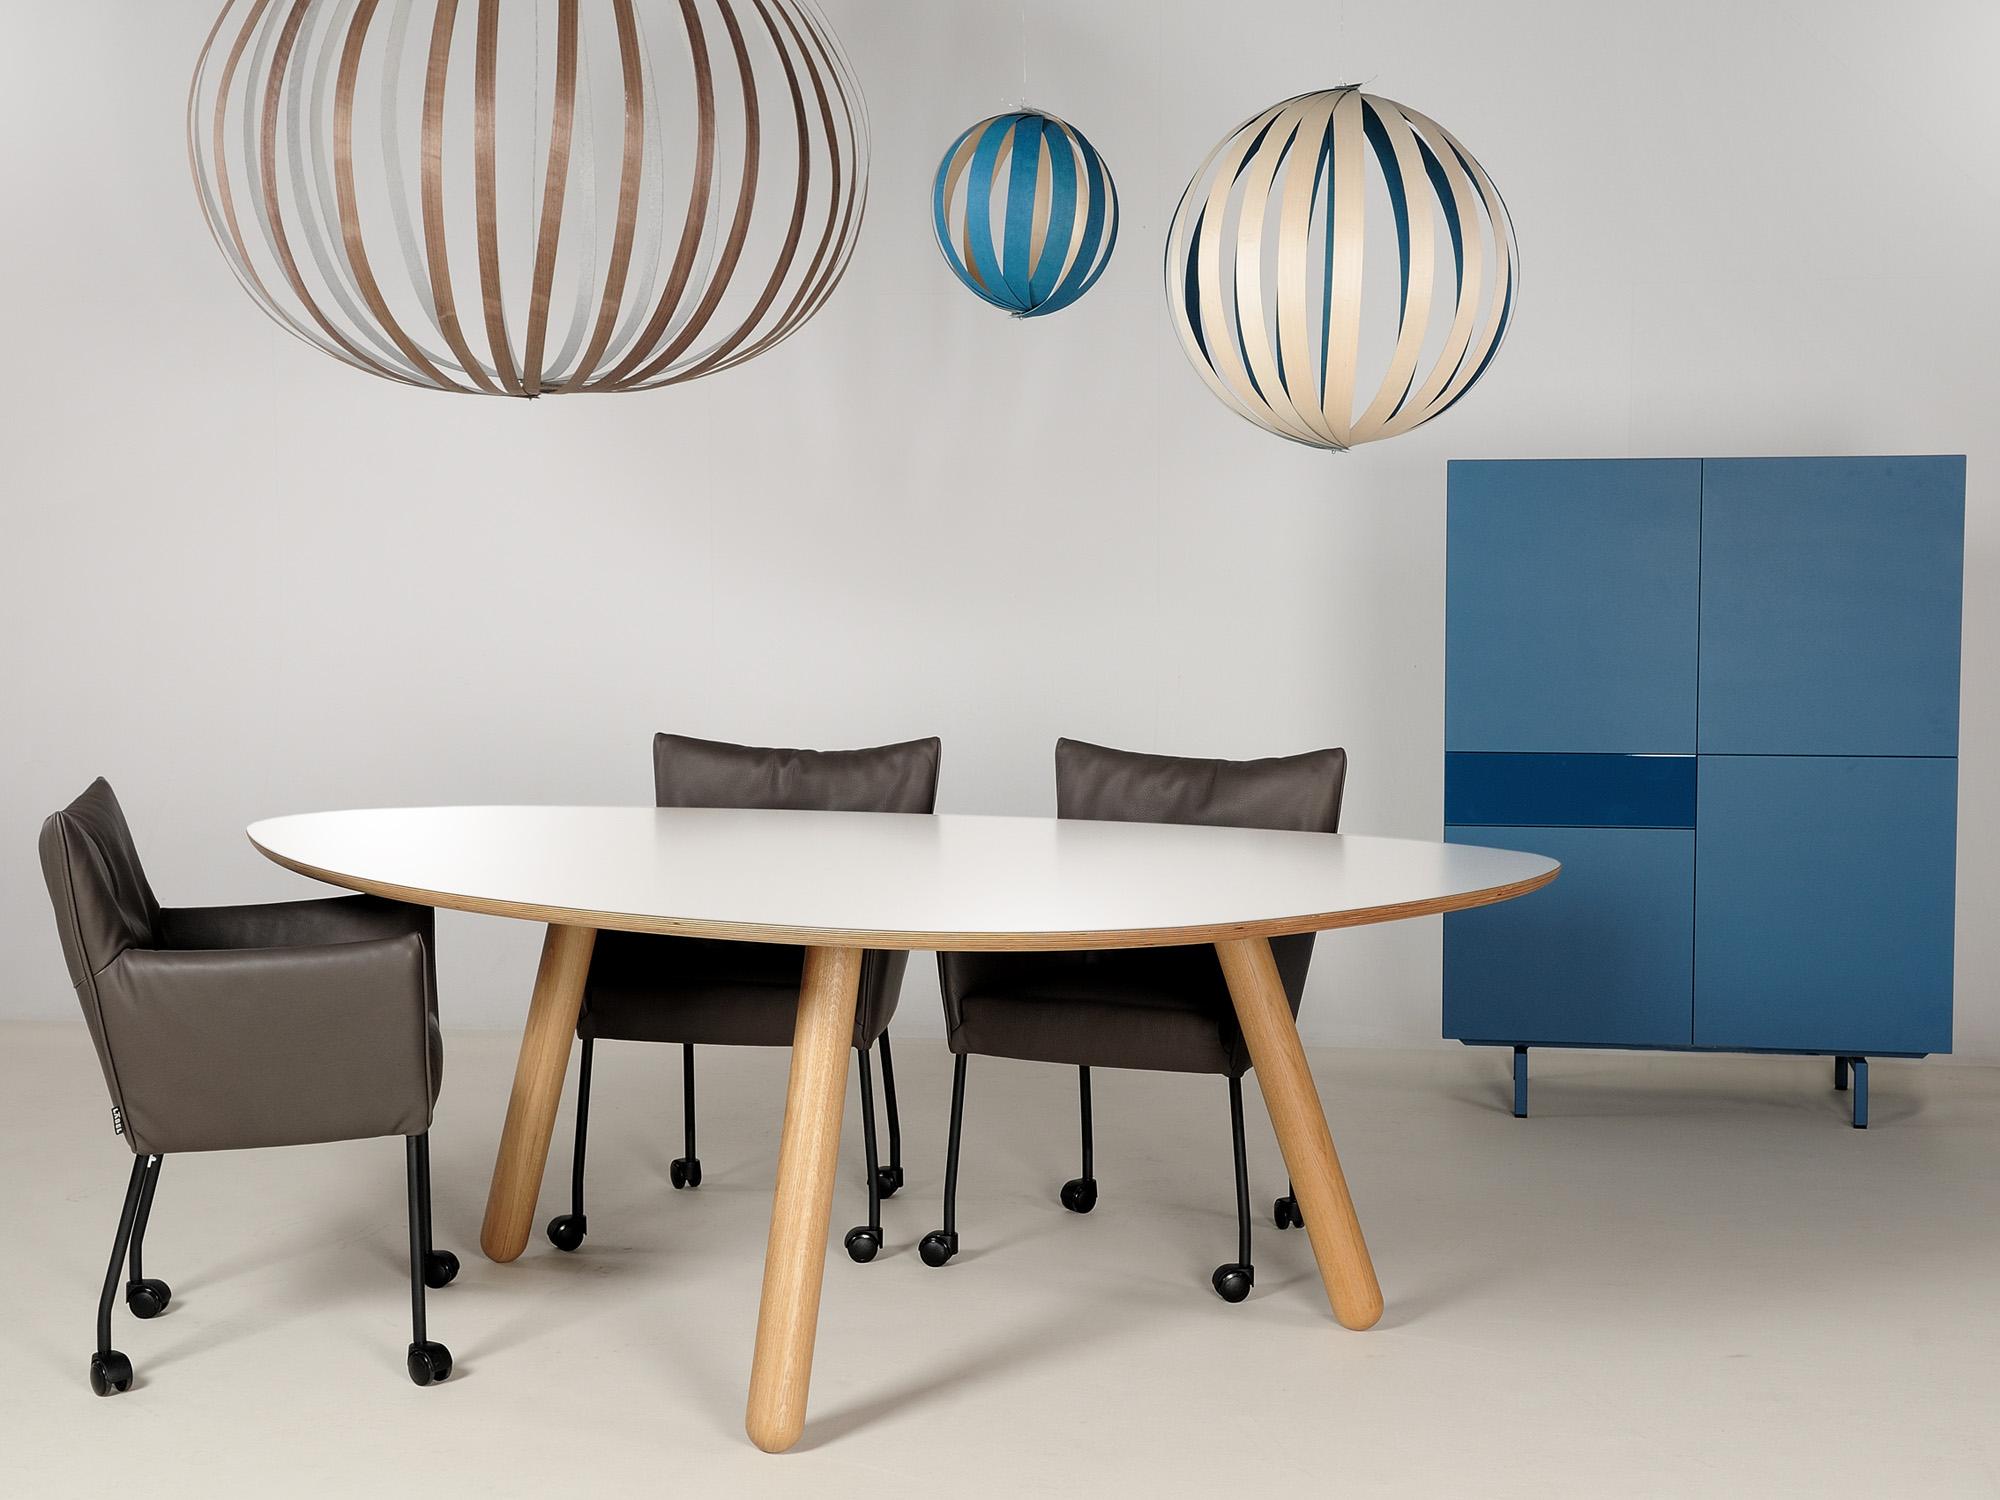 CIRCLIPS-2 tafel en SOLO-kast, ontwerp door Dick Spierenburg, Karel Boonzaaijer en Castelijn Team